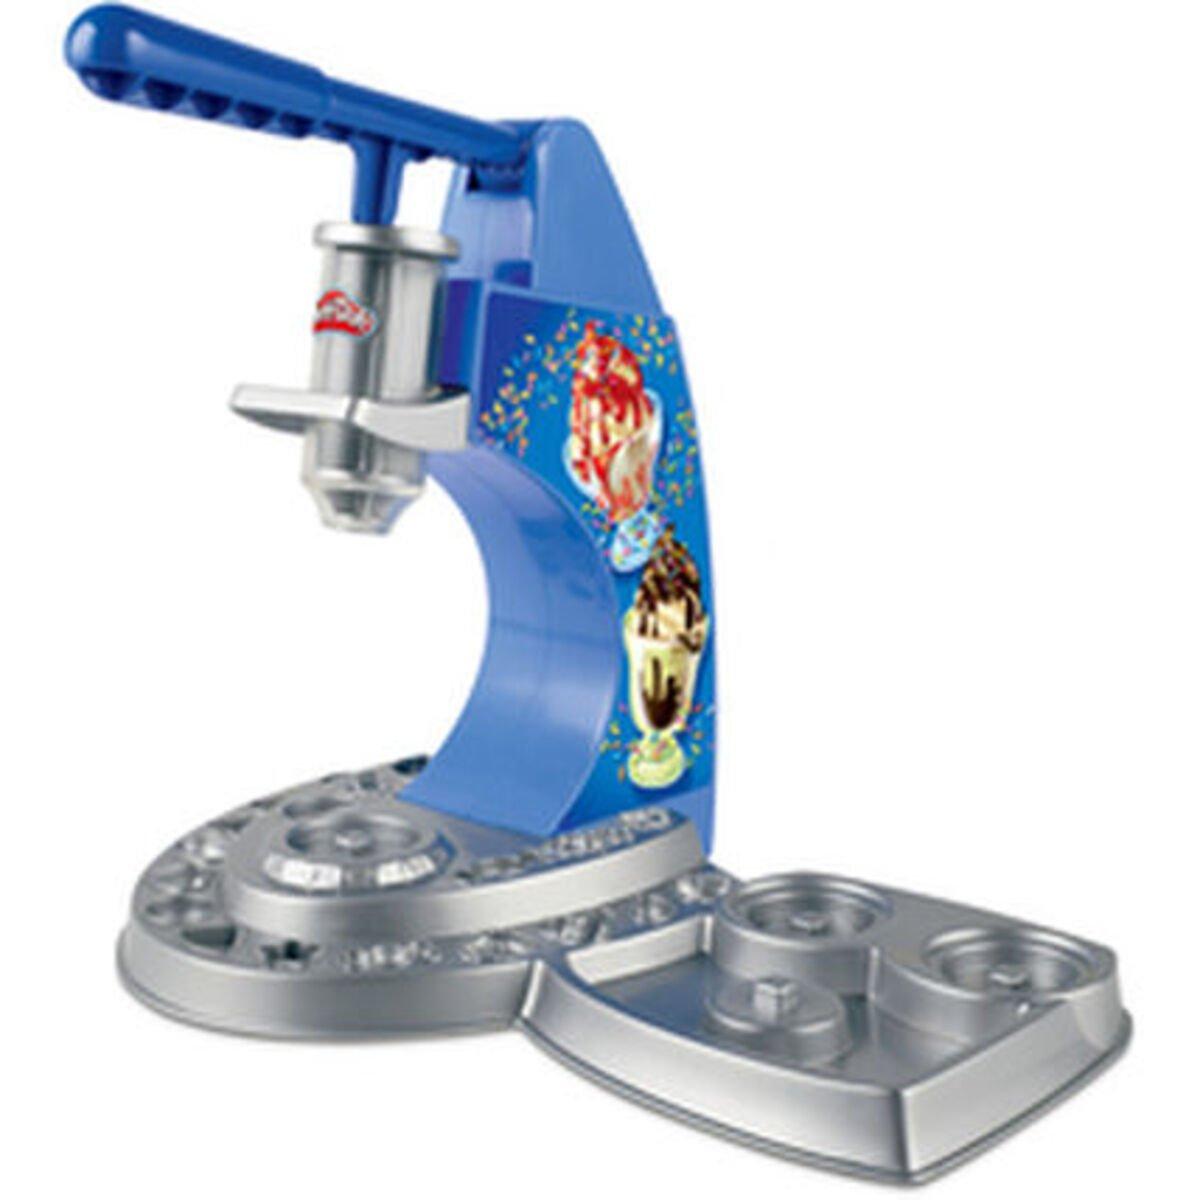 Bild 4 von Hasbro Play-Doh Drizzy Eismaschine mit Toppings